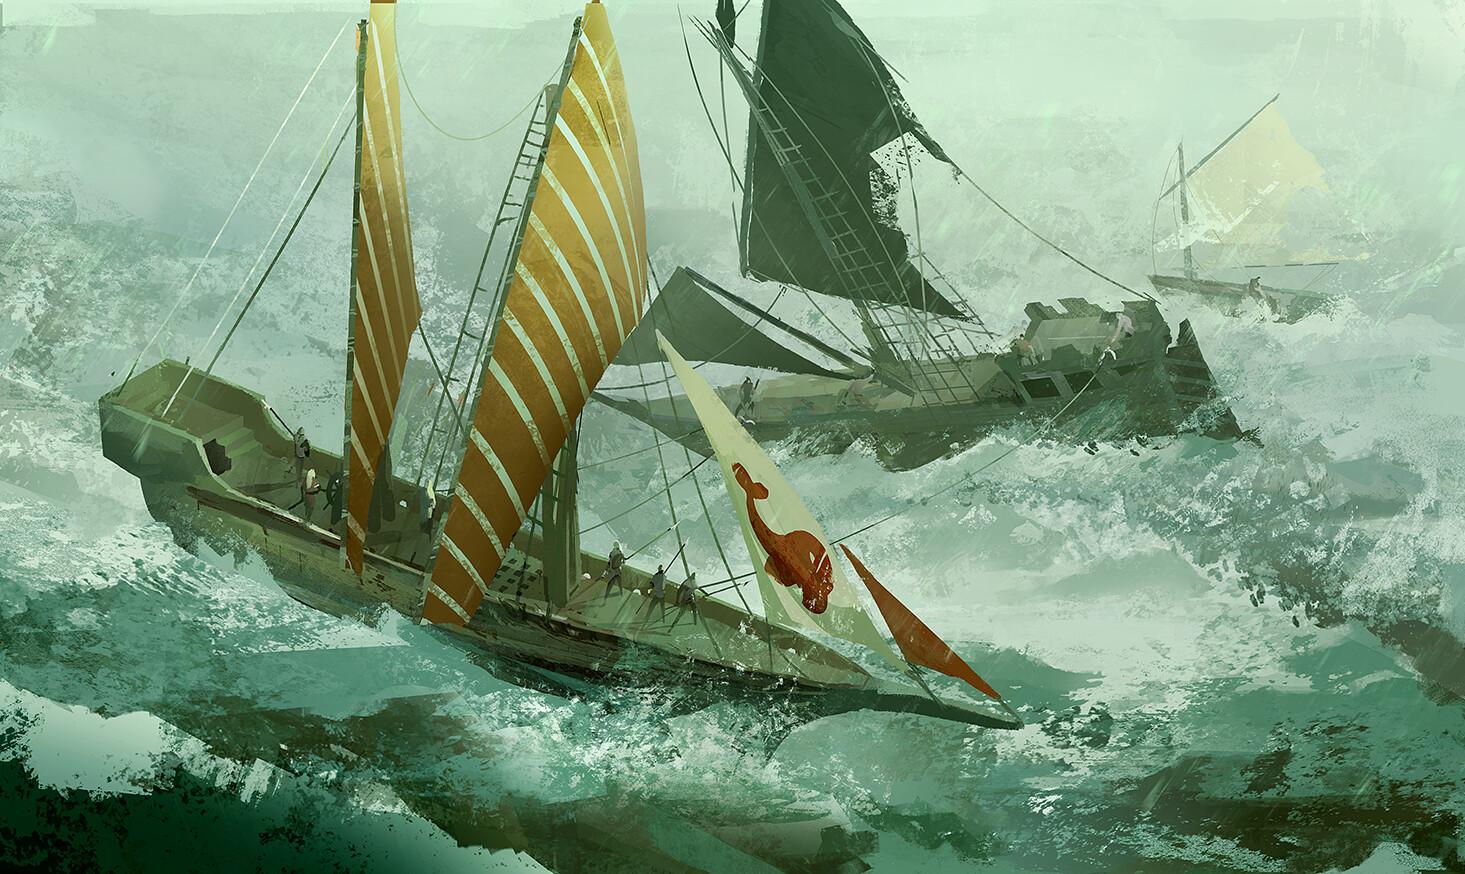 Jaromir hrivnac ships 02